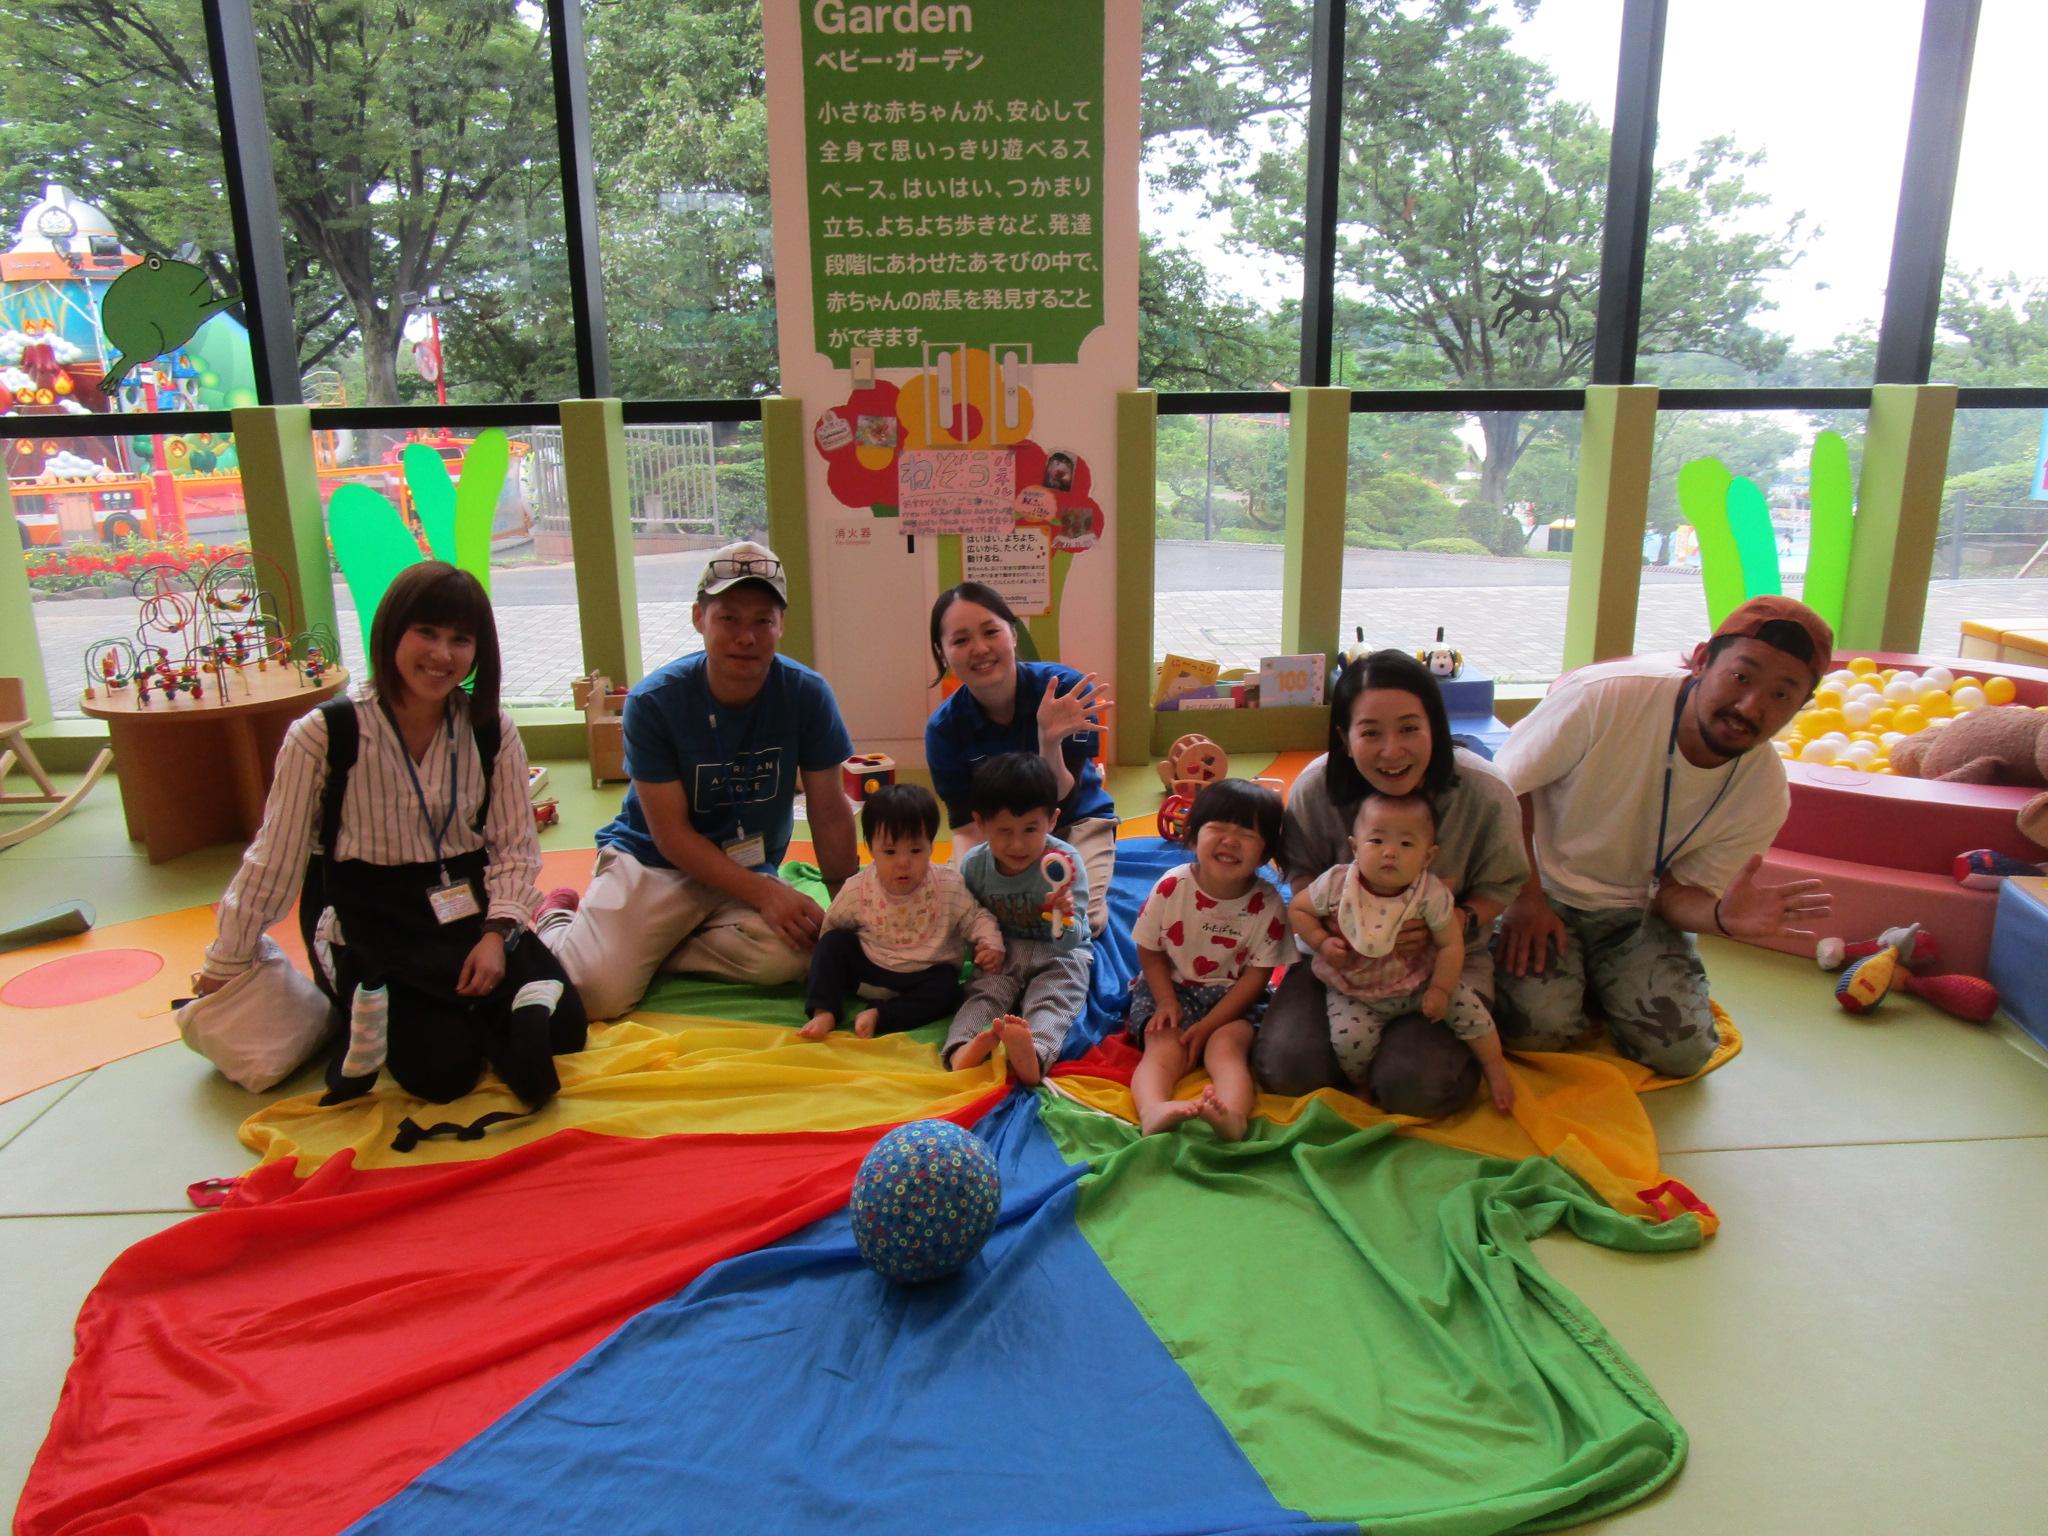 赤ちゃんイベント『パラバルーンであそぼう!』 『1歳のお誕生日会』